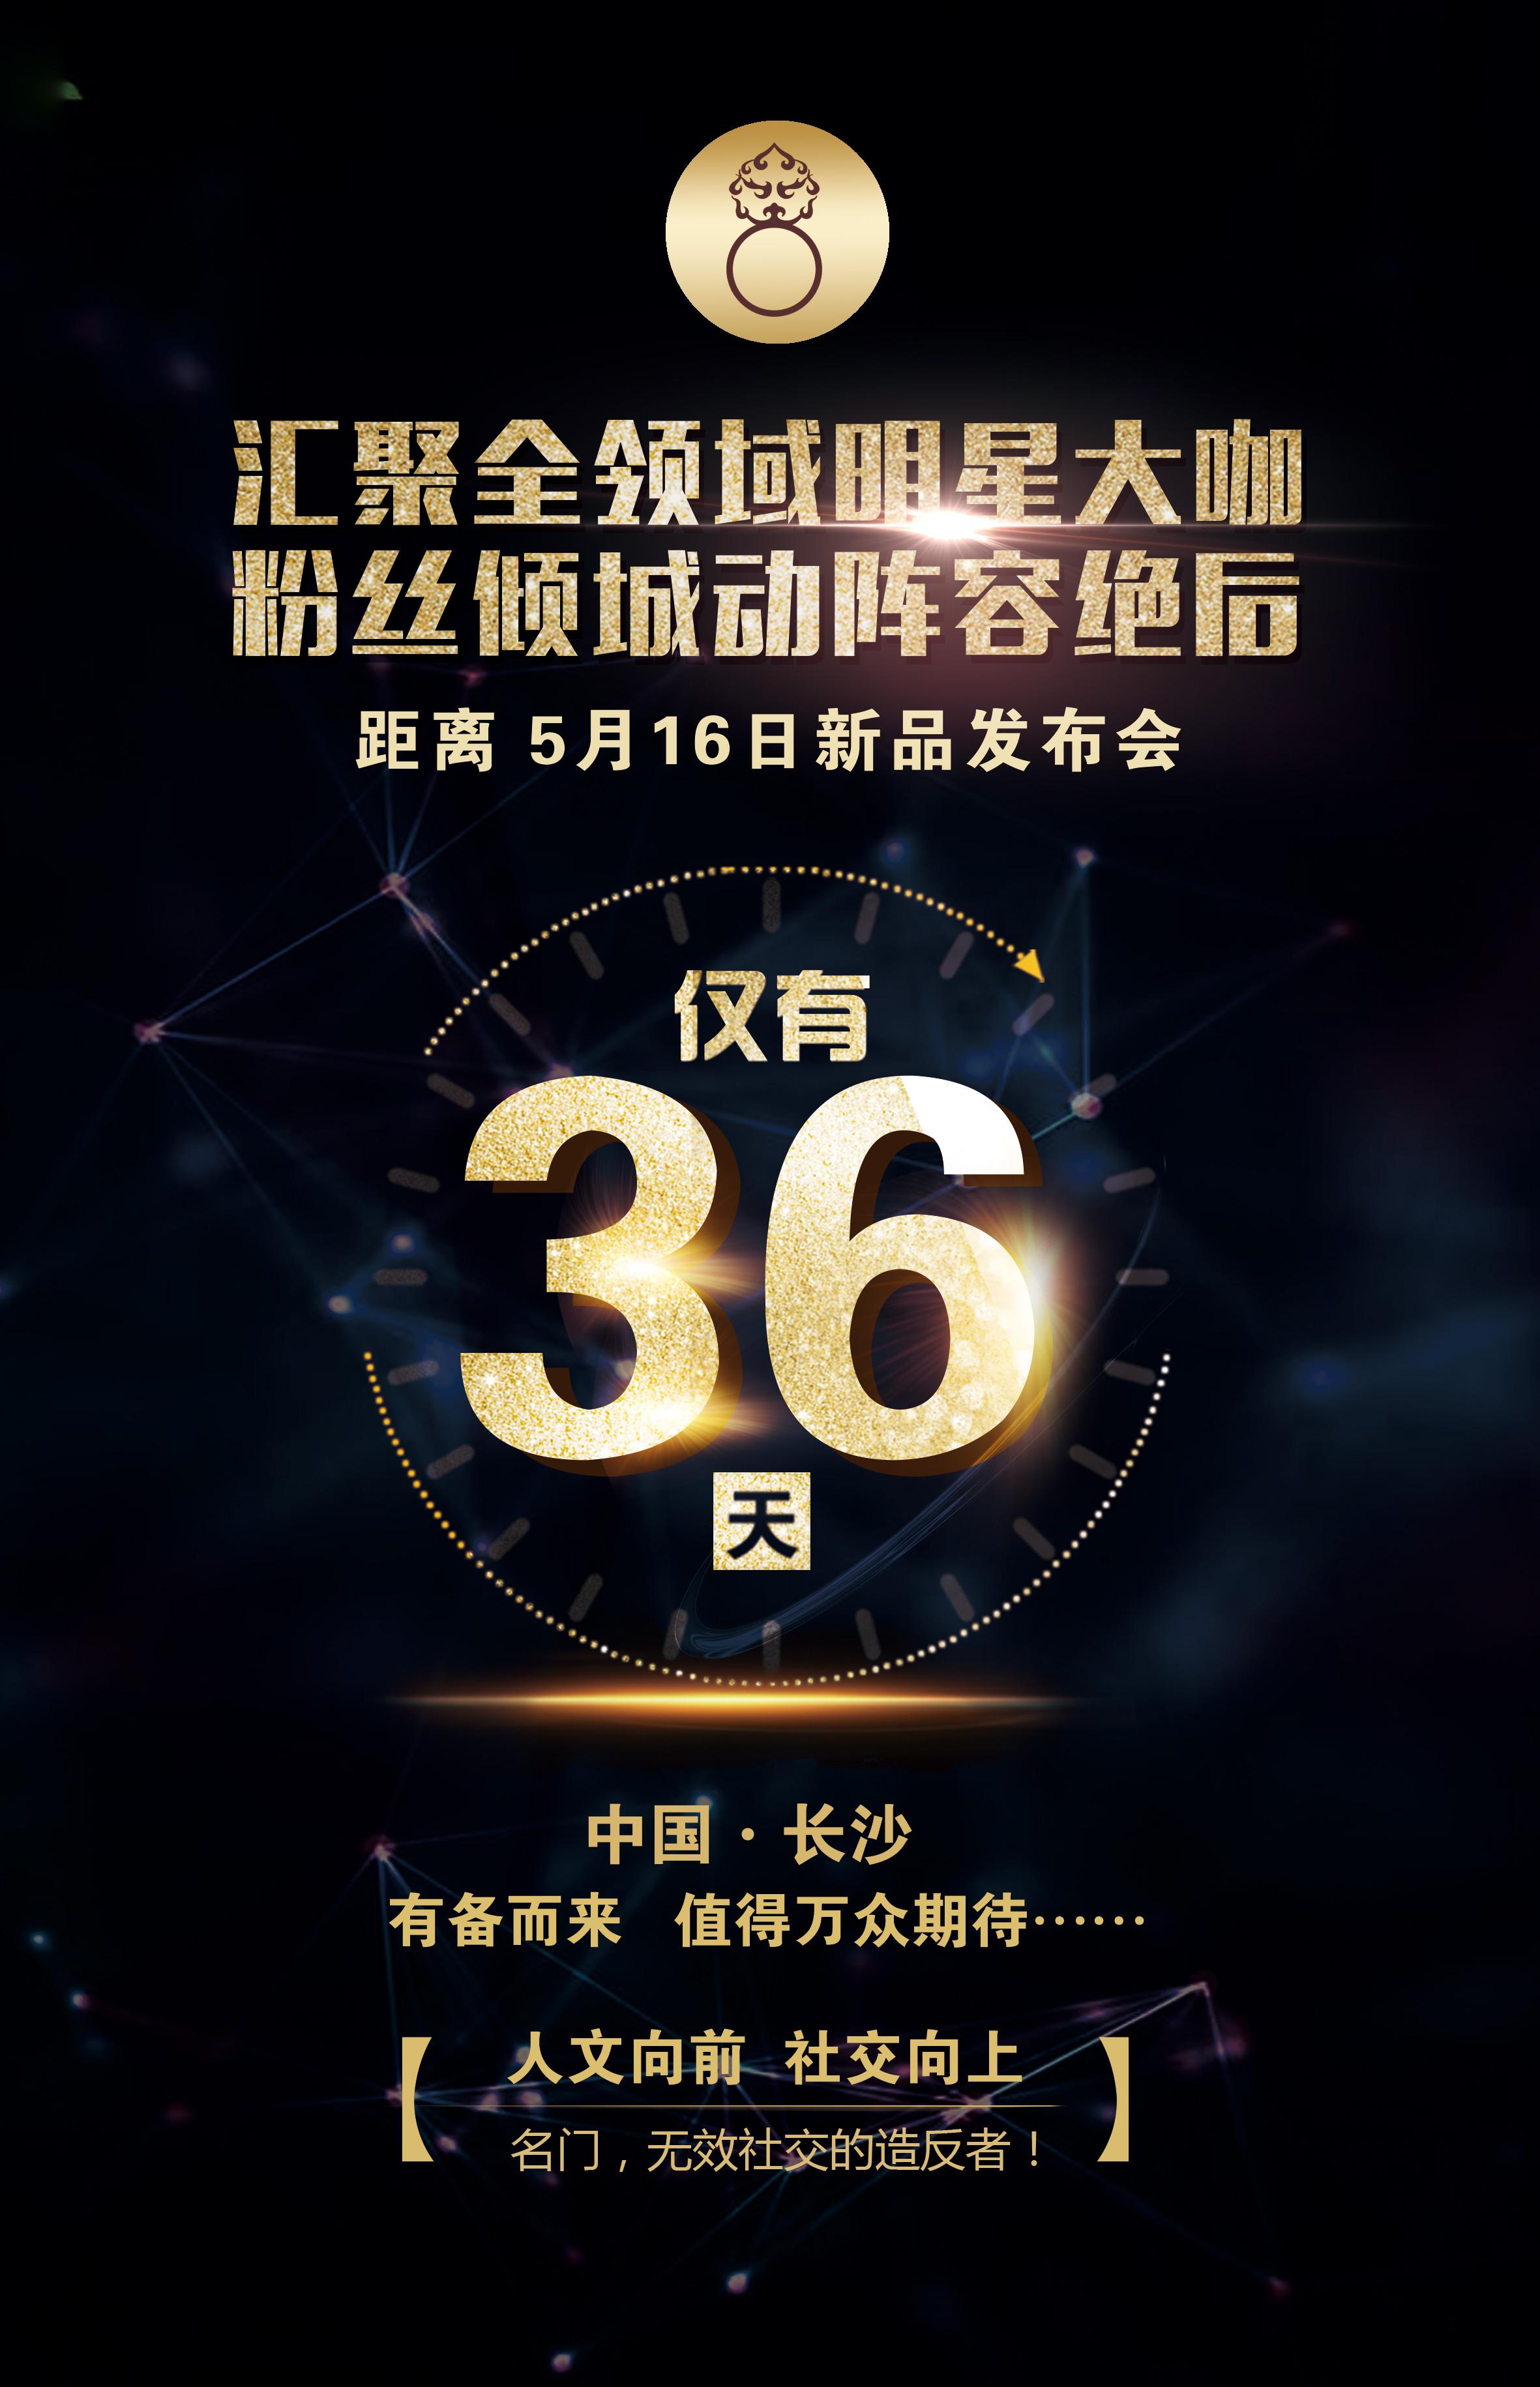 5.16中国·长沙名门APP发布会倒计时进行中_图1-1